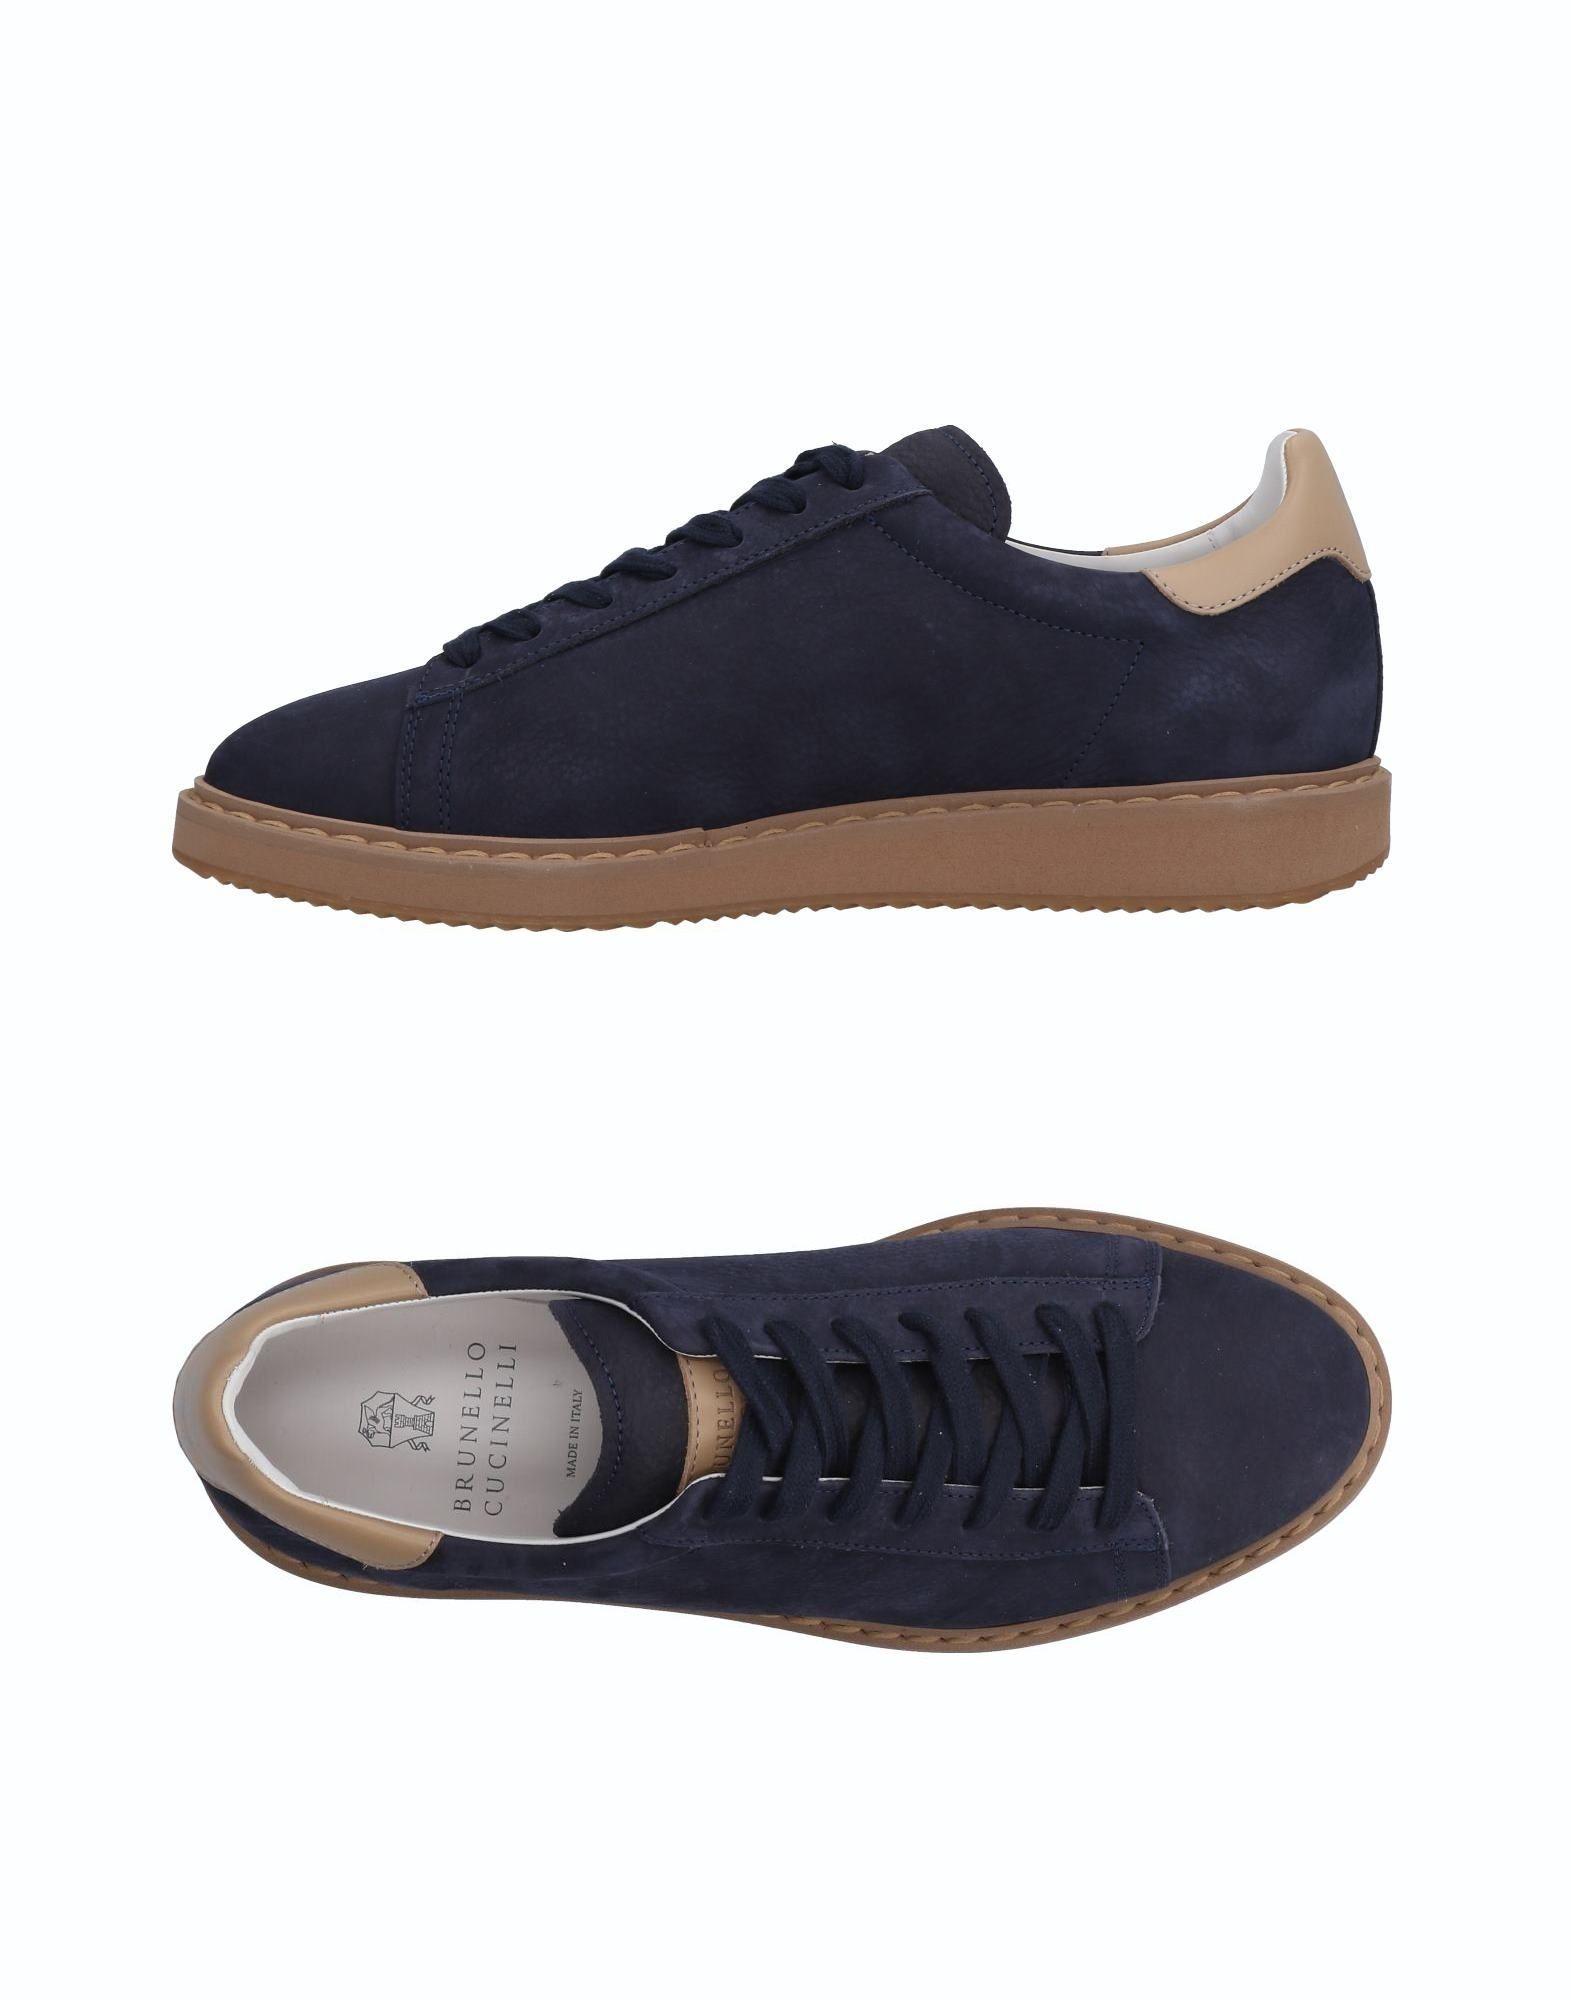 Sneakers Napapijri Donna - 11441808UG Scarpe economiche e buone